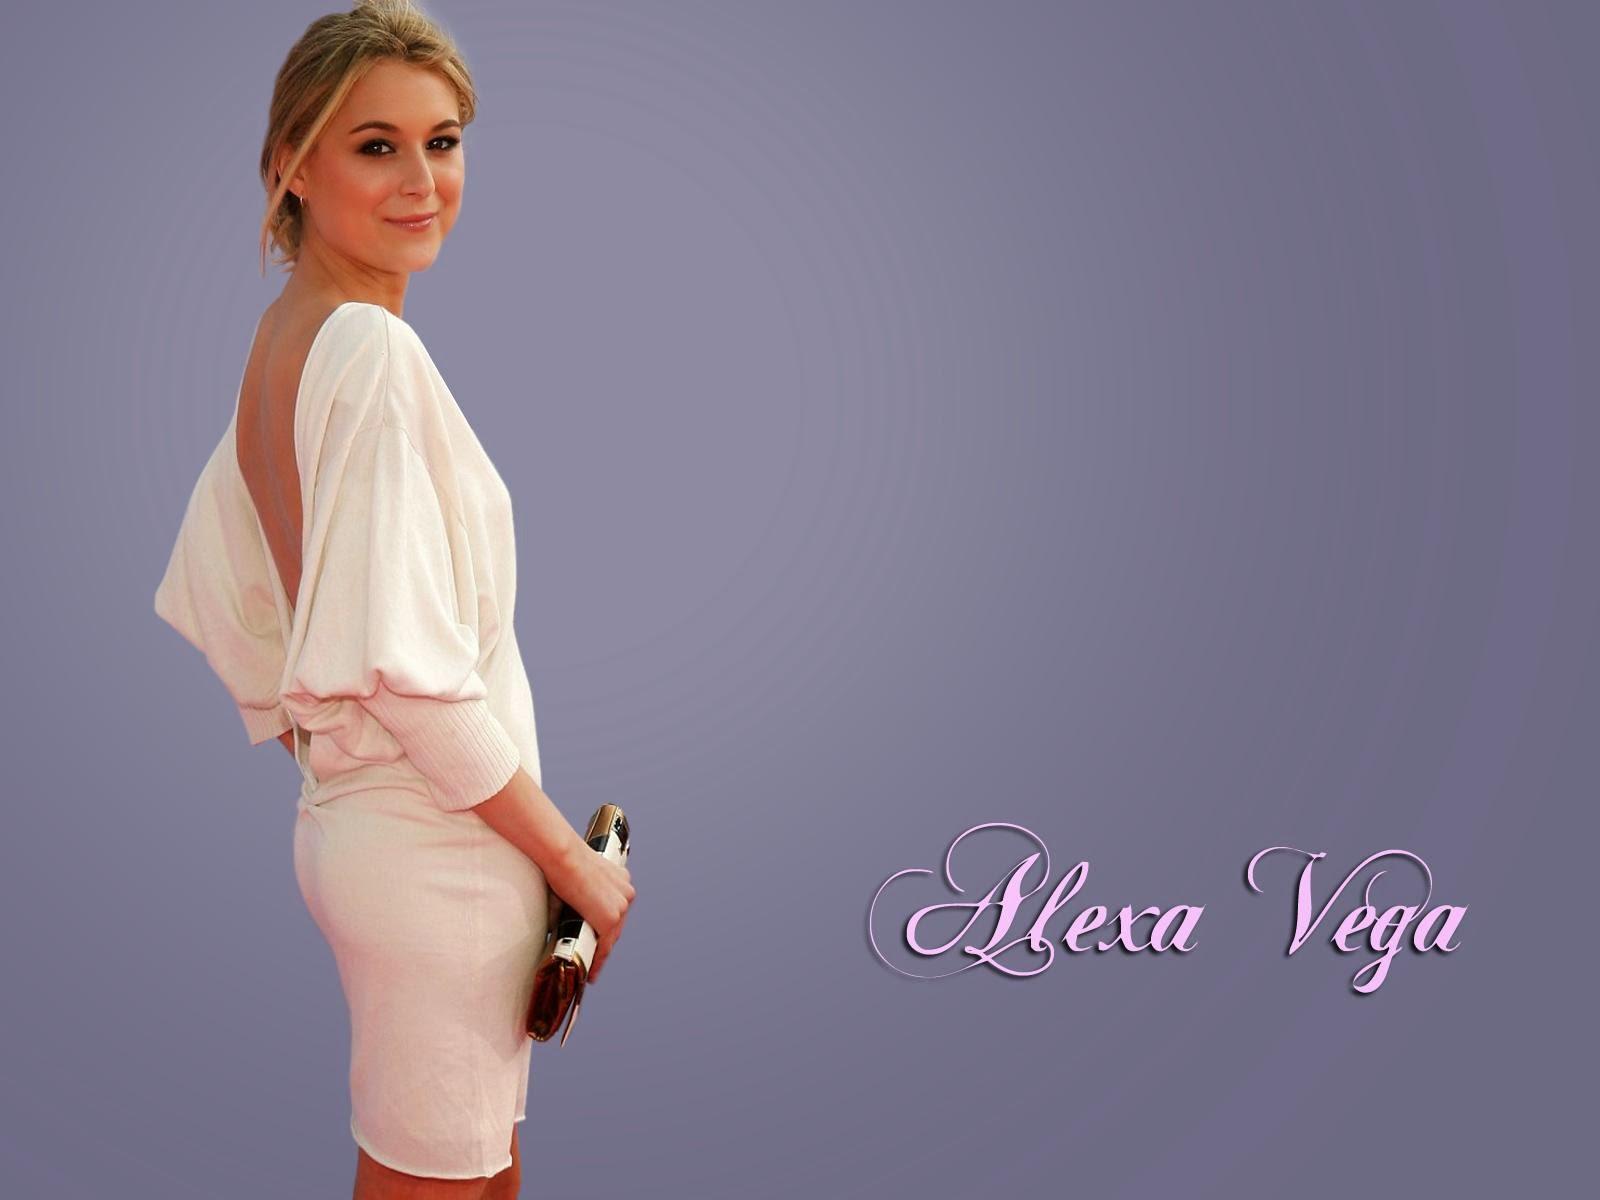 Alexa Vega Hd Wallpapers Free Download